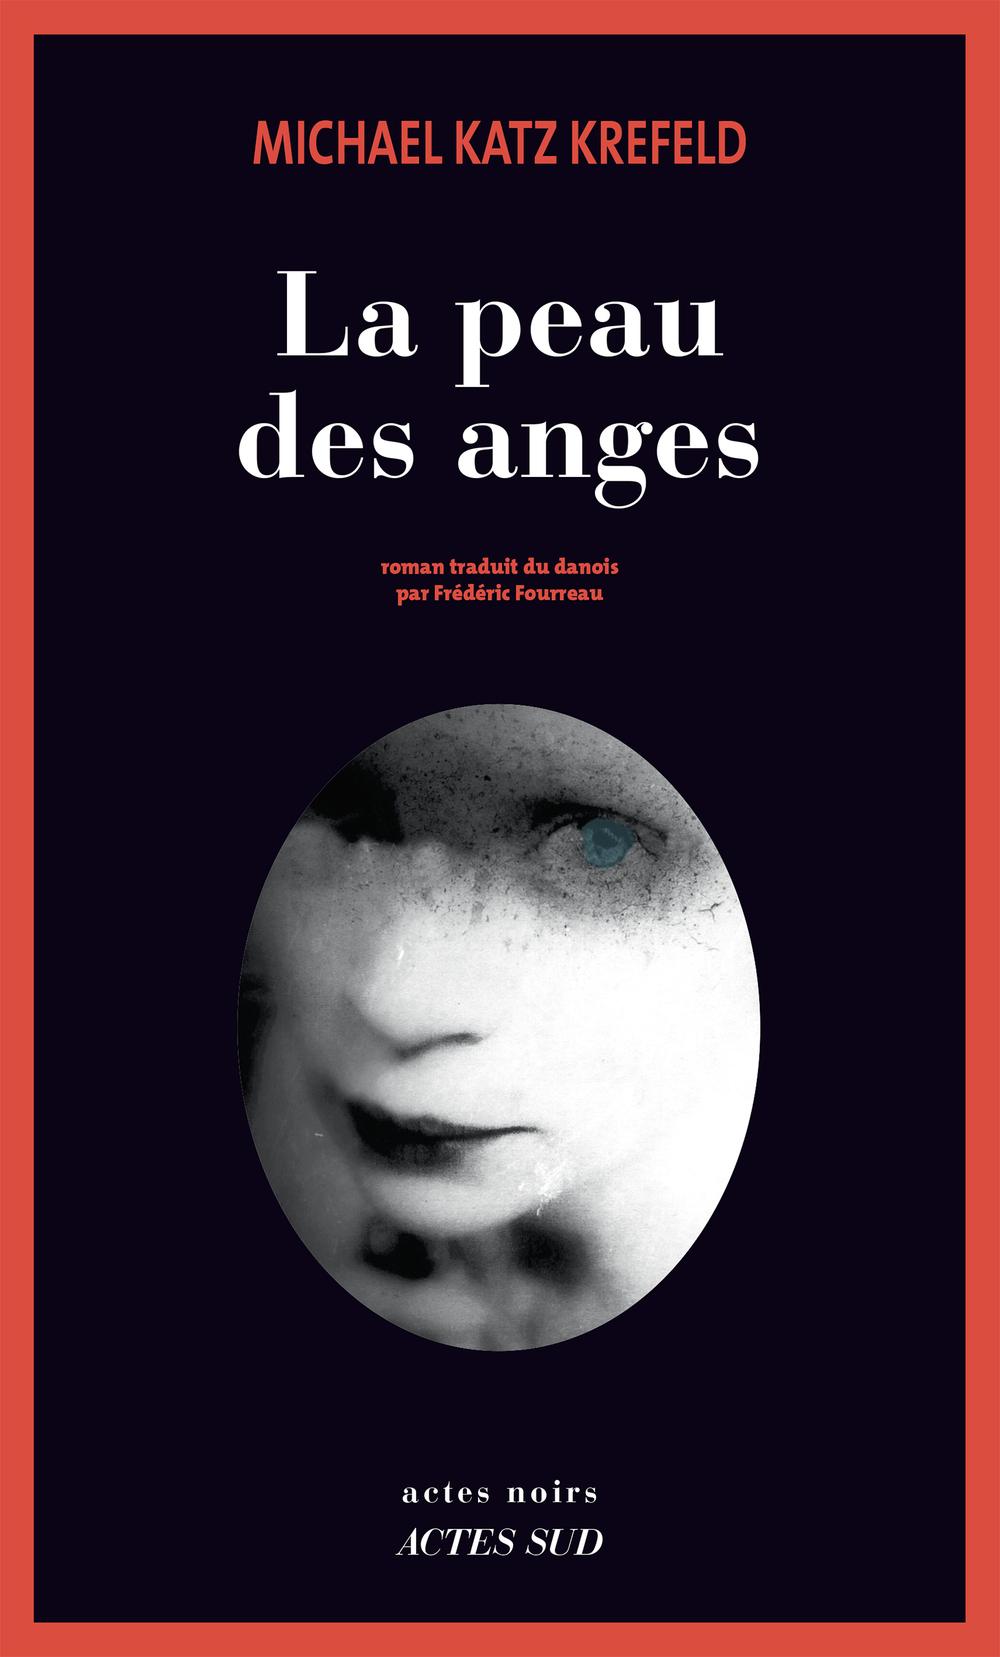 La peau des anges | Katz Krefeld, Michael